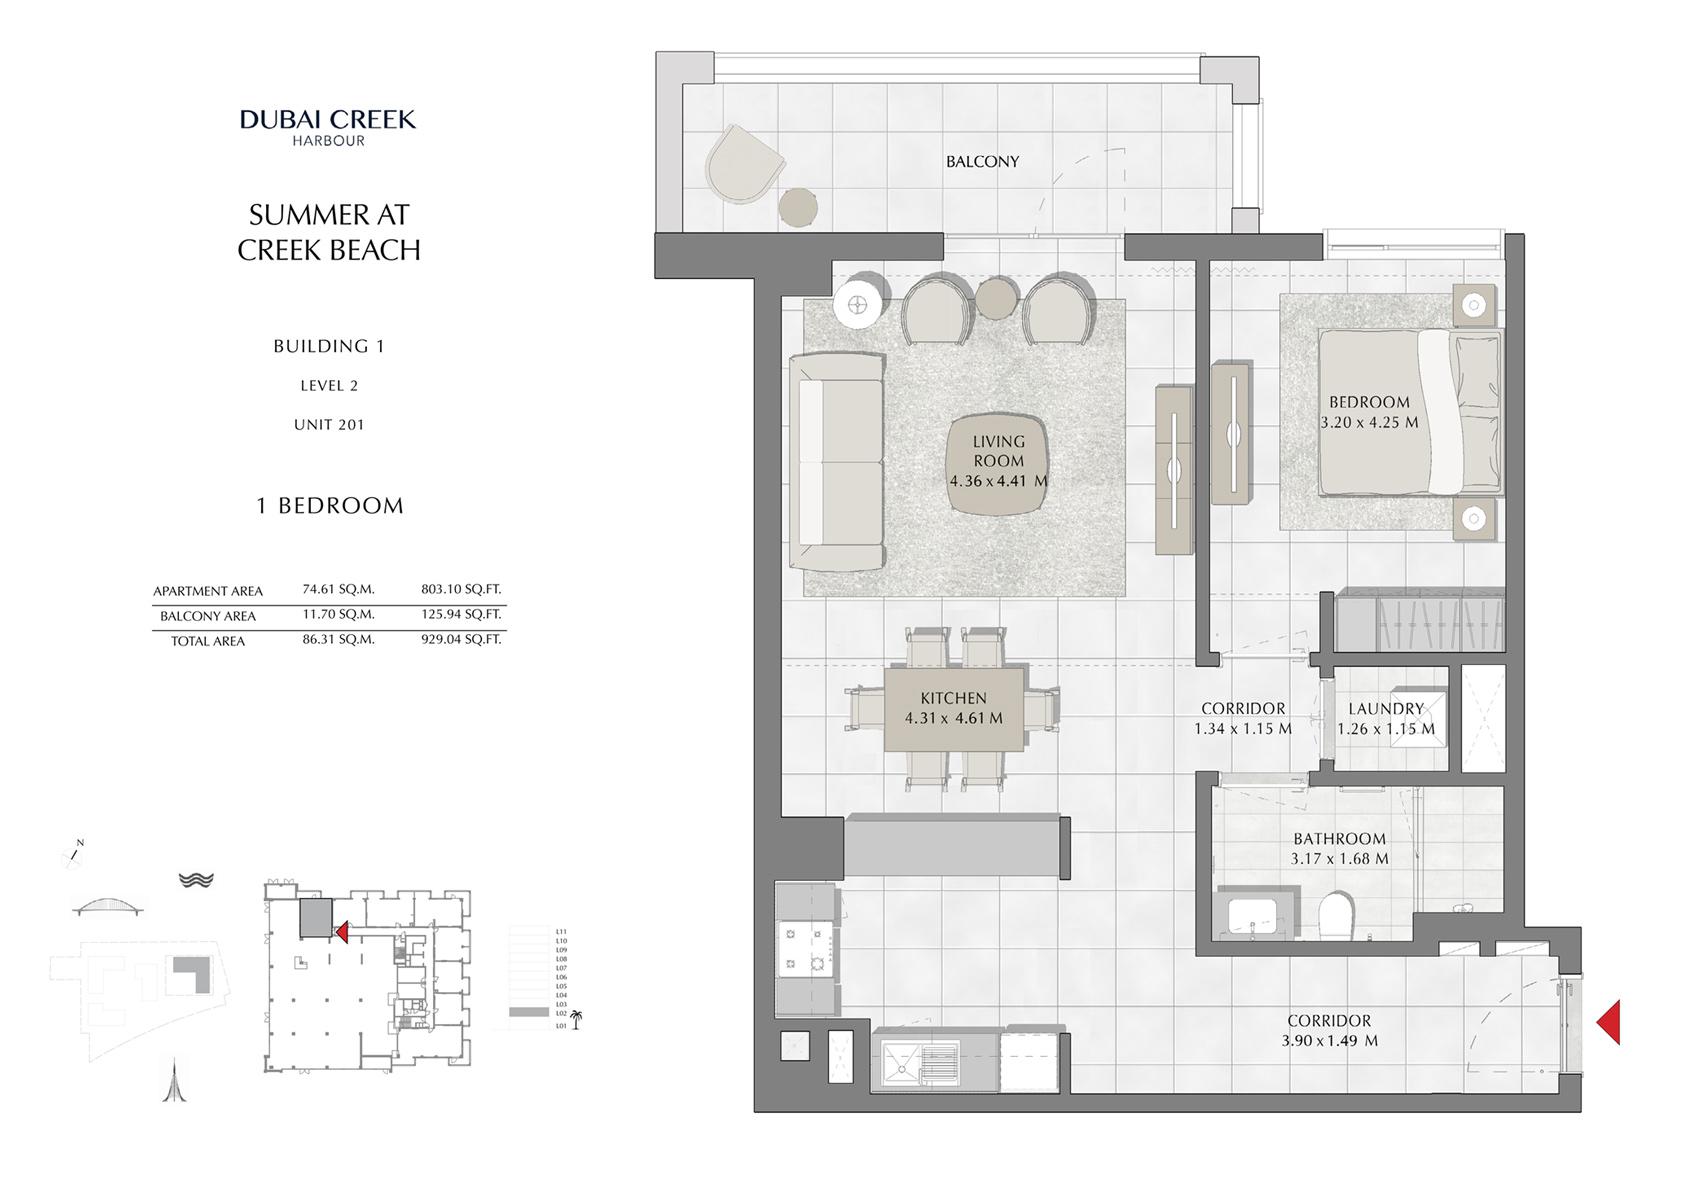 1 Br Building 1 Level 2 Unit 201, Size 929 Sq Ft